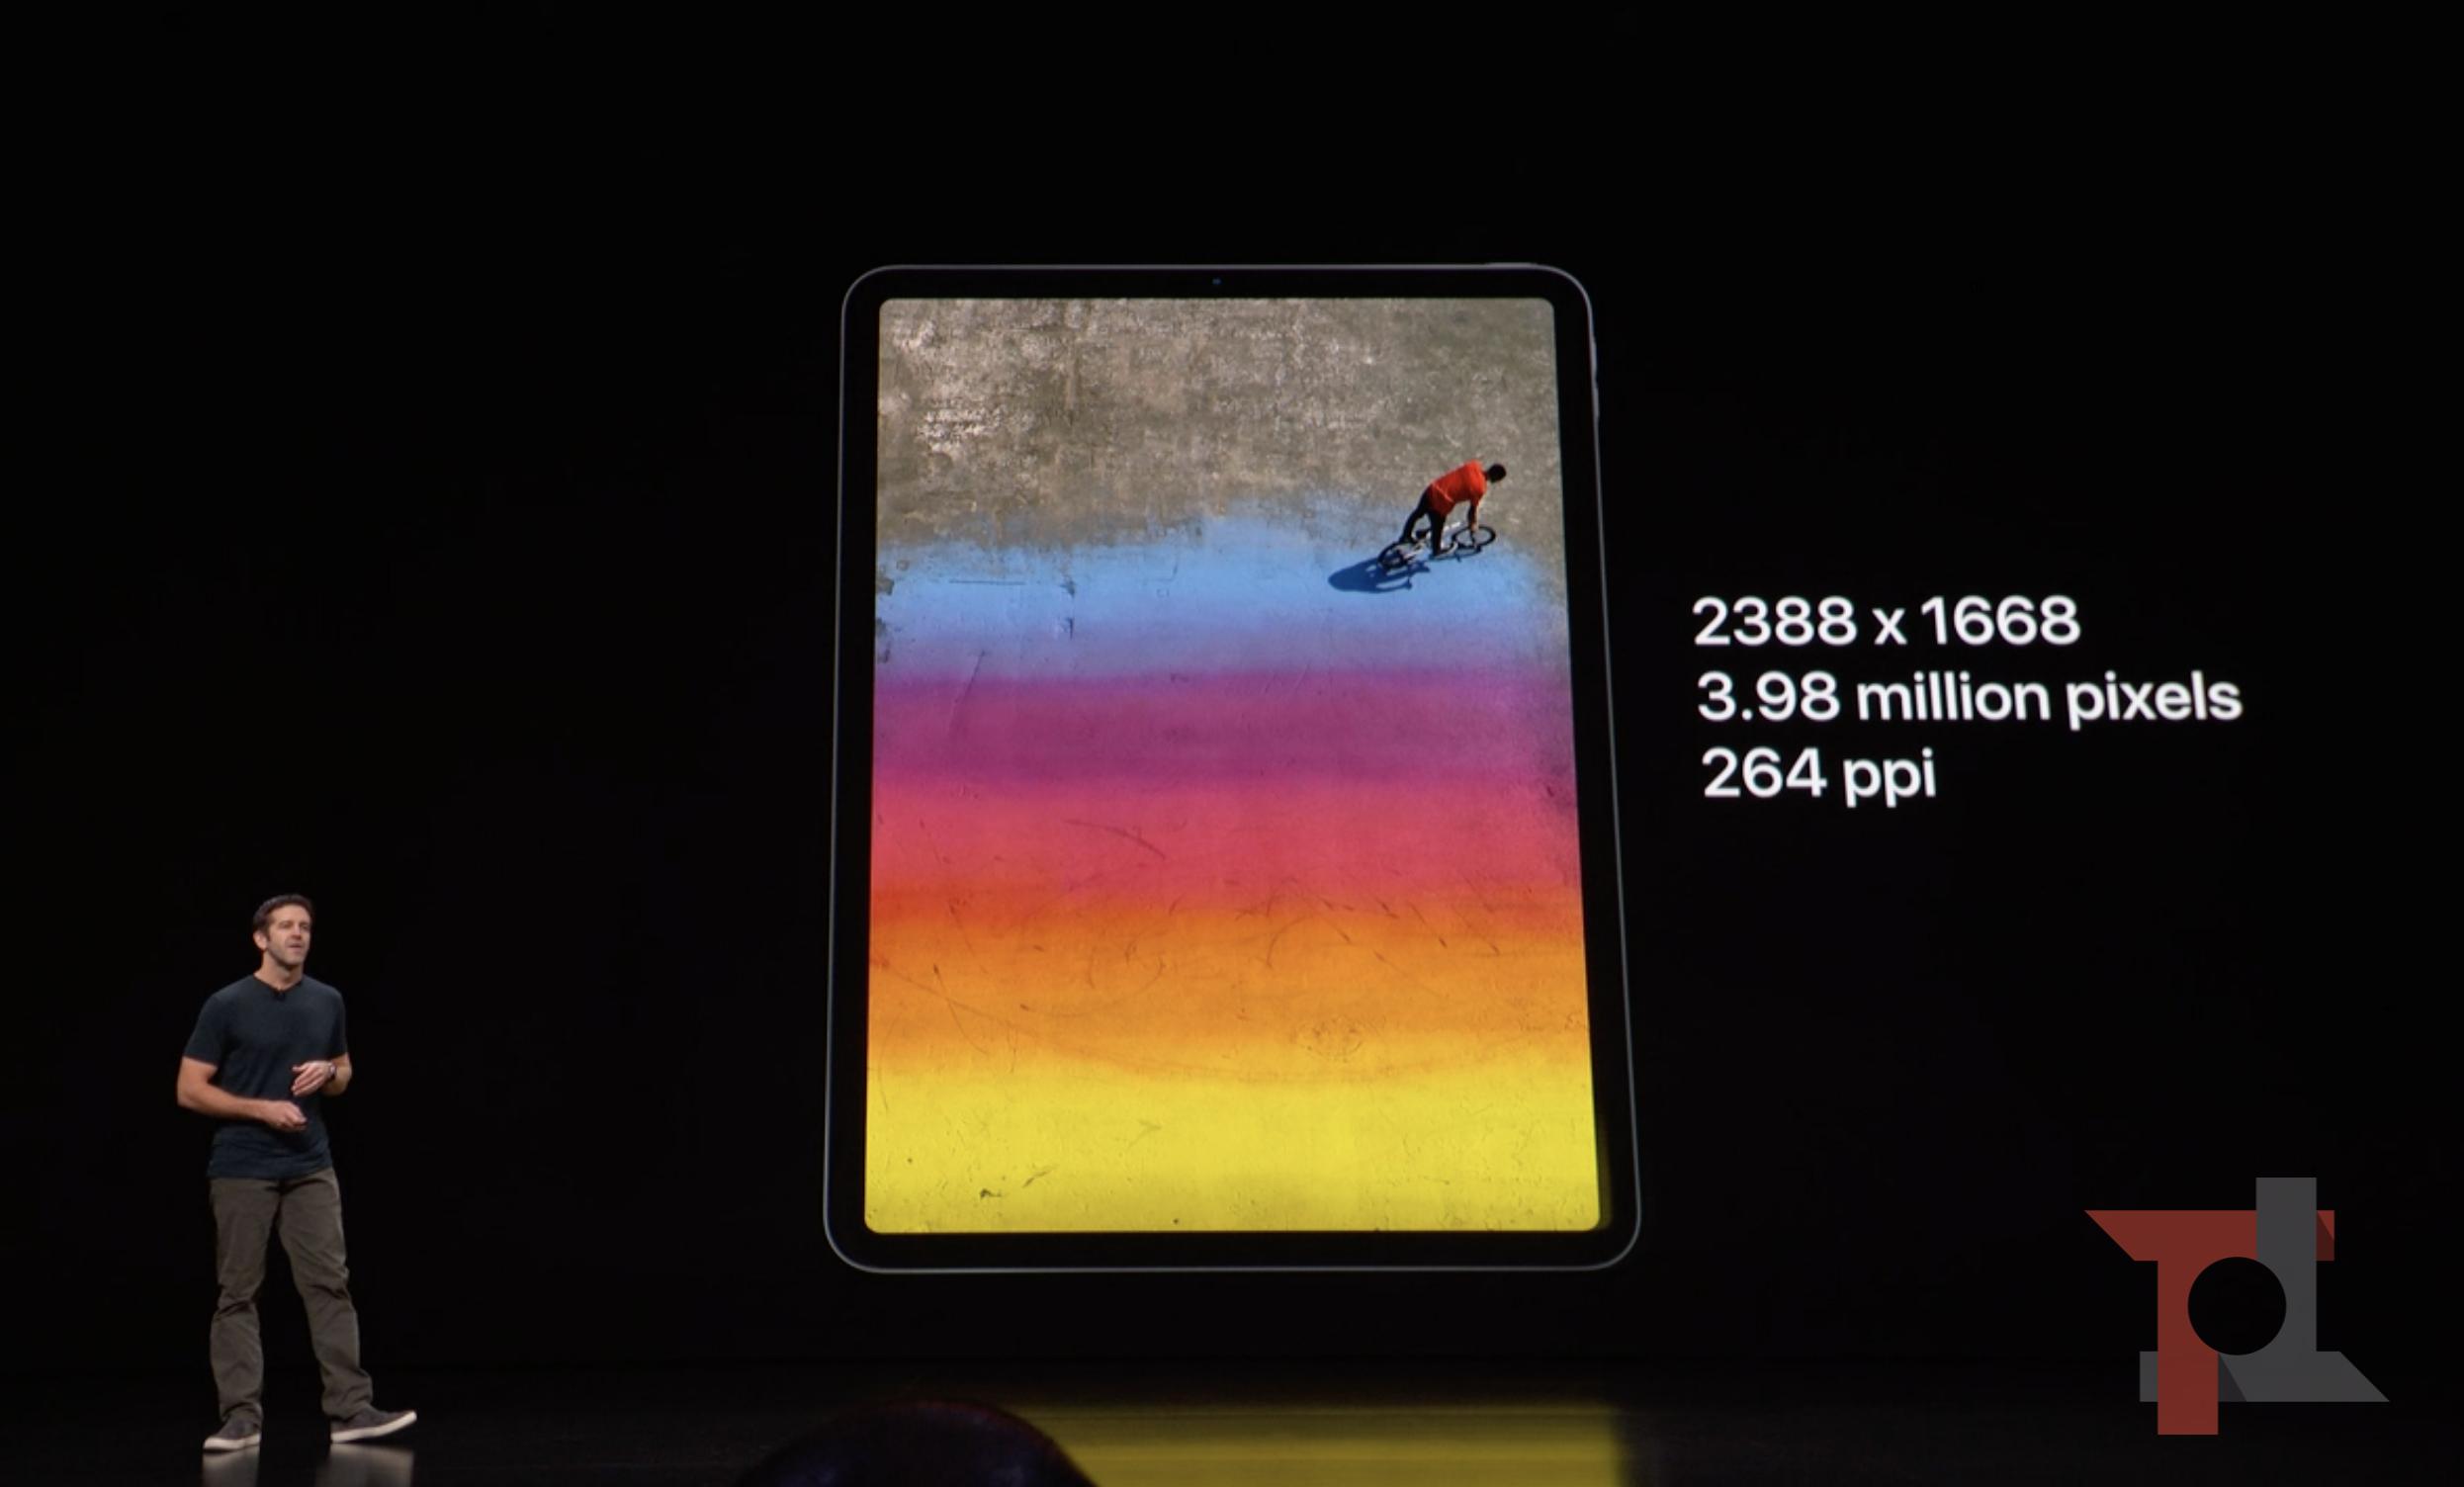 iPad Pro 2018 ufficiali con display migliori, SoC più potenti e Face ID 1